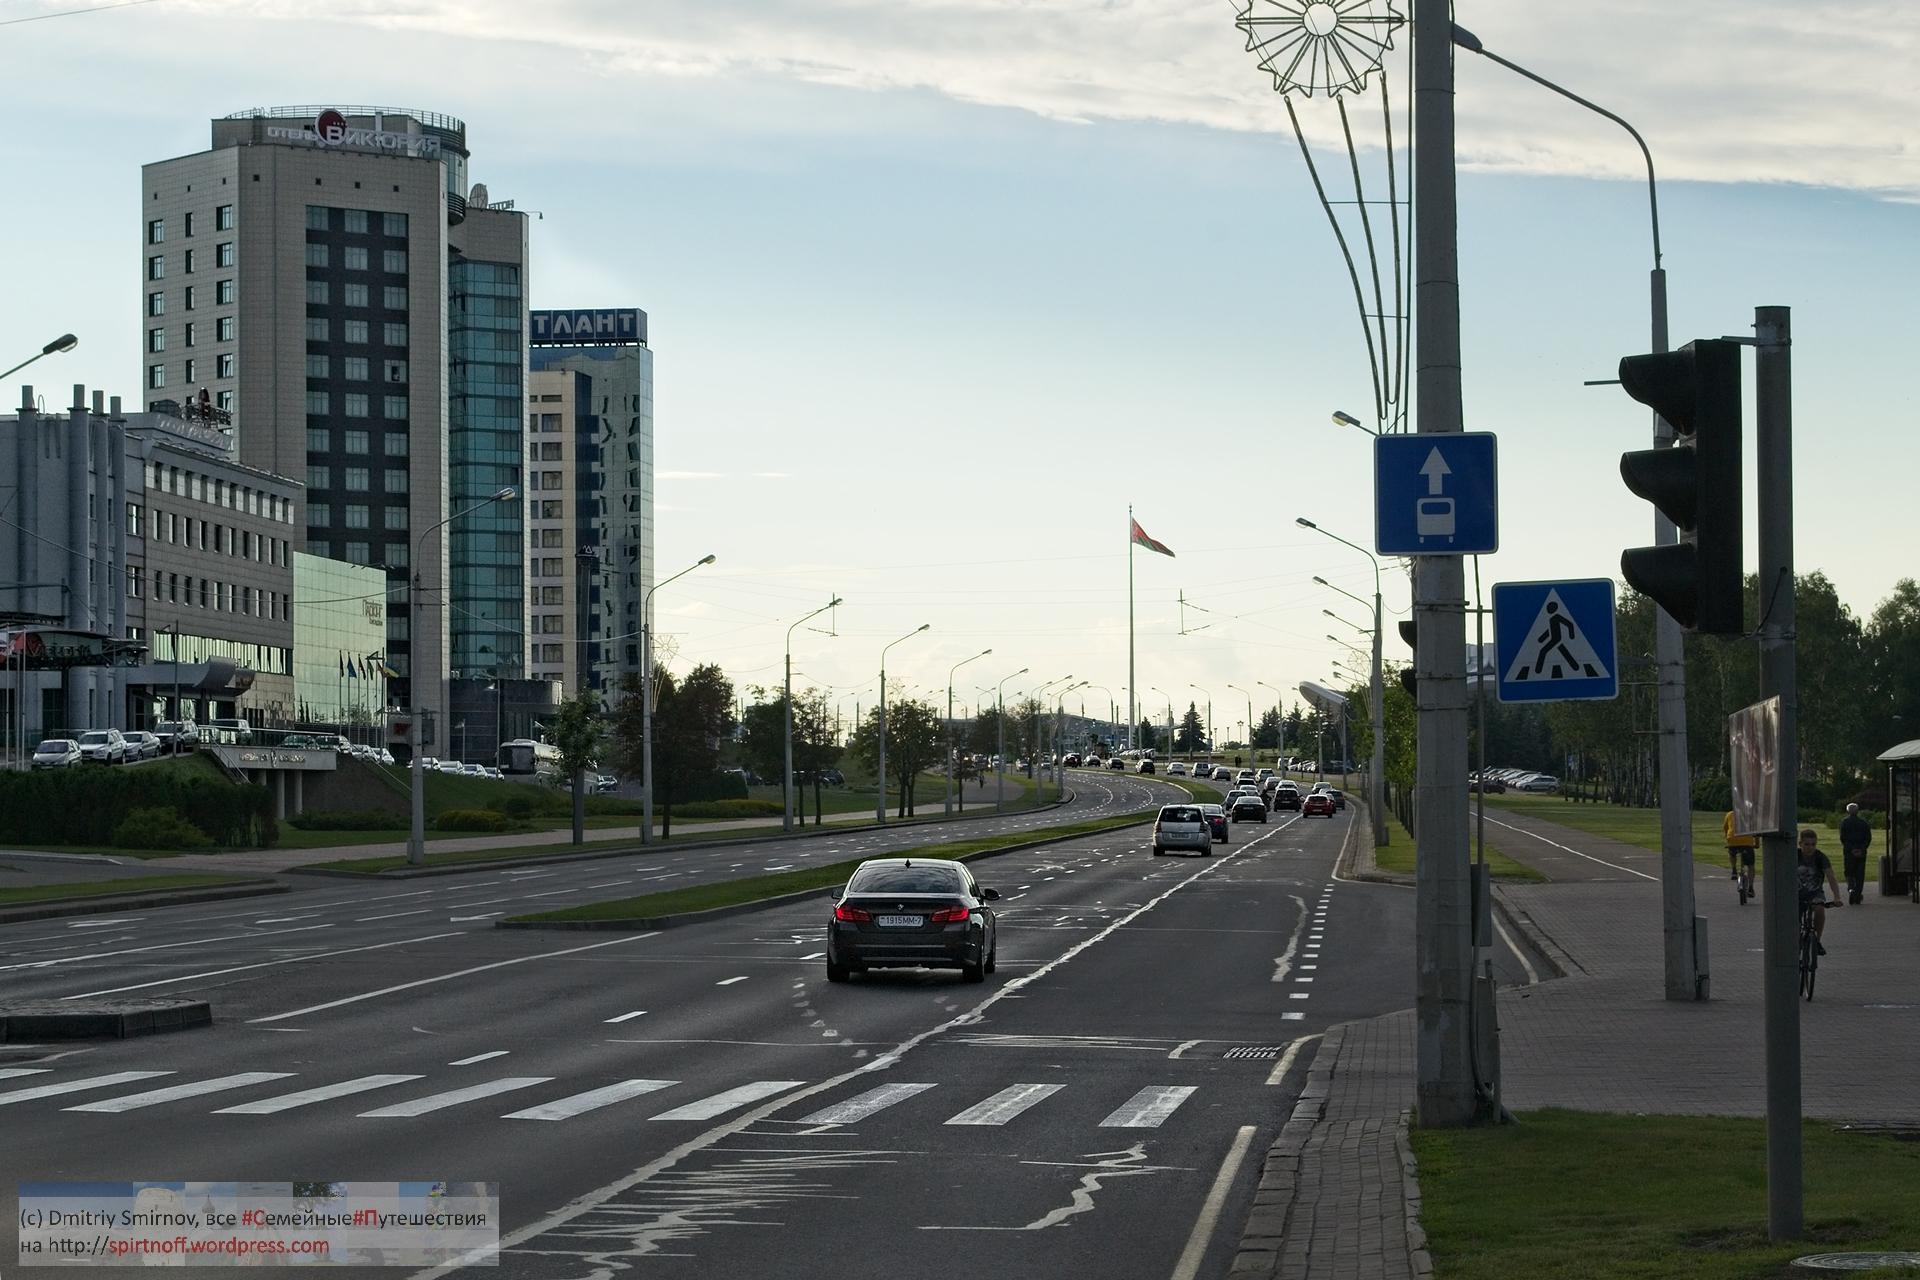 DSC_7167-62-Blog-23 Путешествия  Минск. Парк Победы